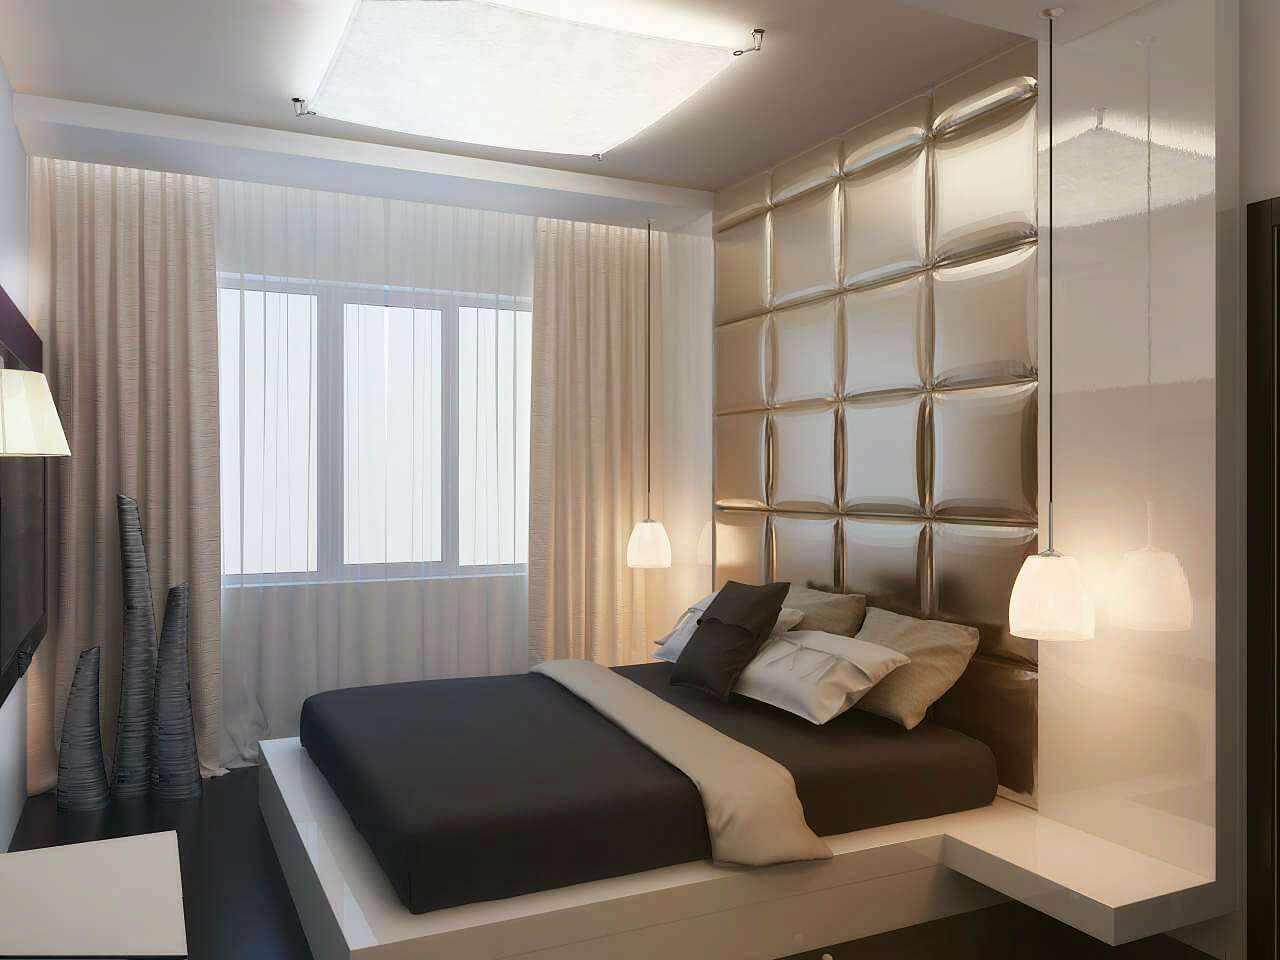 un exemple d'un style inhabituel d'une chambre